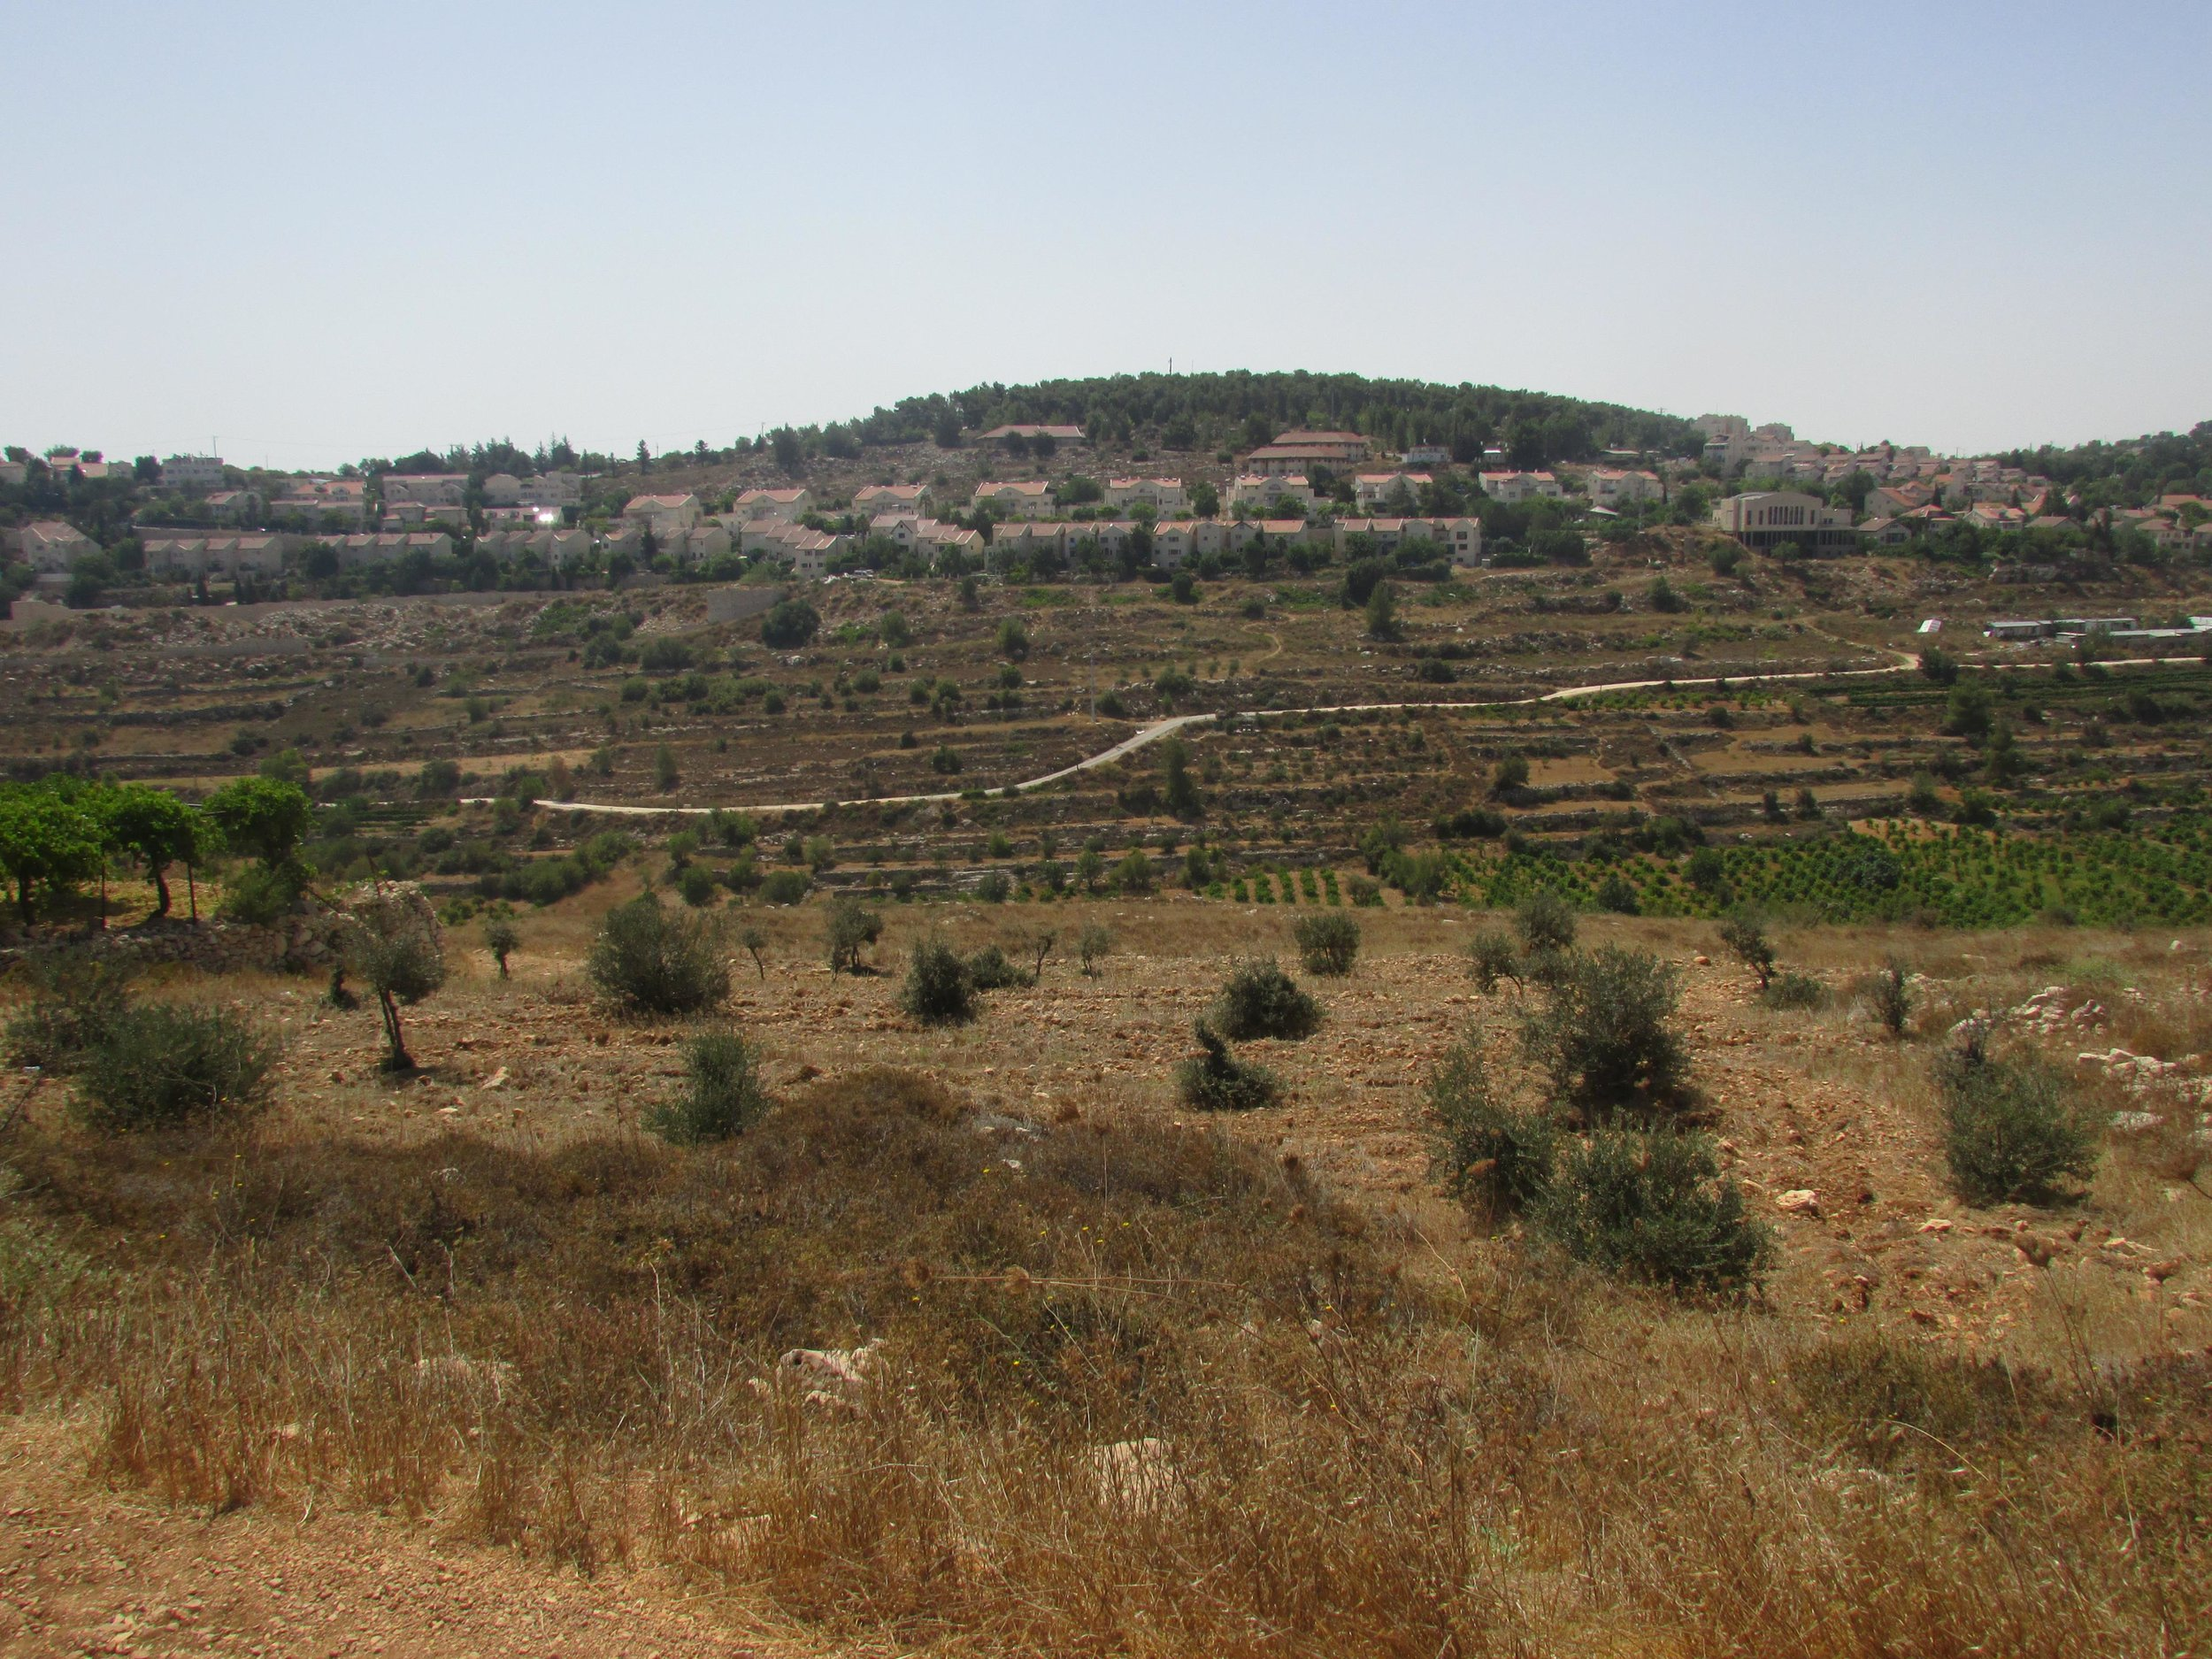 Illegale nederzetting gebouwd op Palestijns land, dichtbij het land dat nu onder dreiging van confiscatie ligt